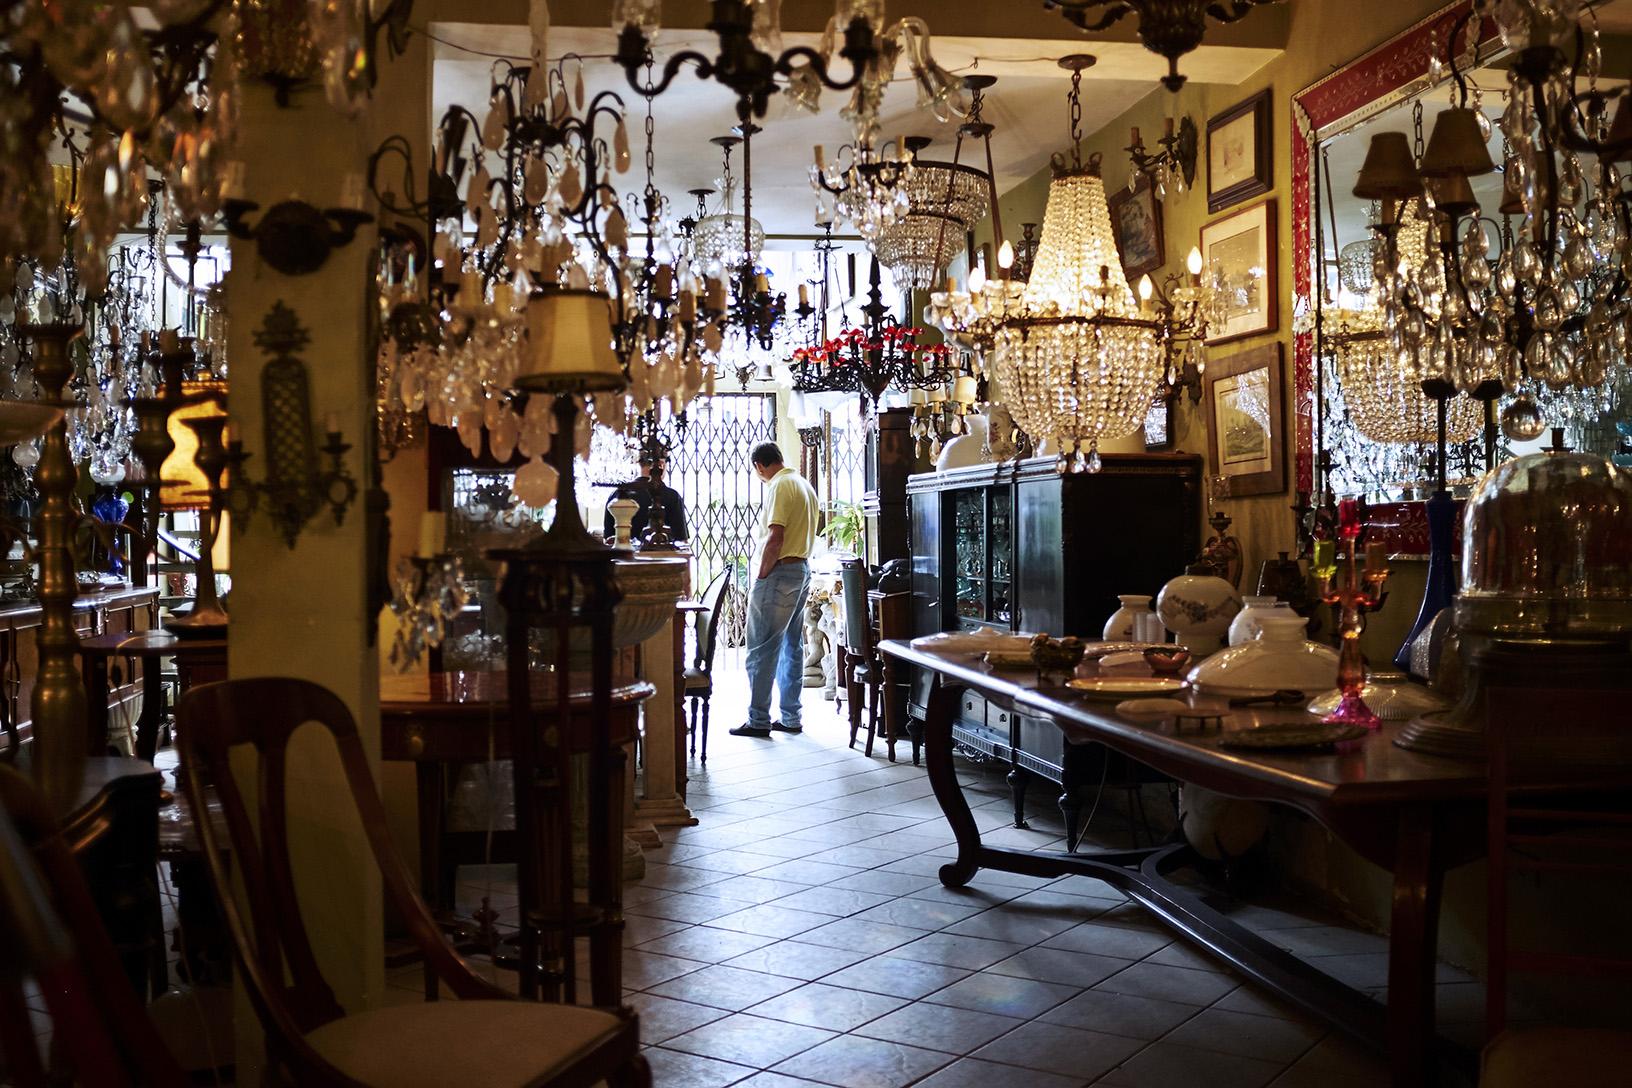 Jair recebendo um cliente em sua loja que hora lembra o palácio de um doge, hora um pequeno palacete dos Habsburgo.